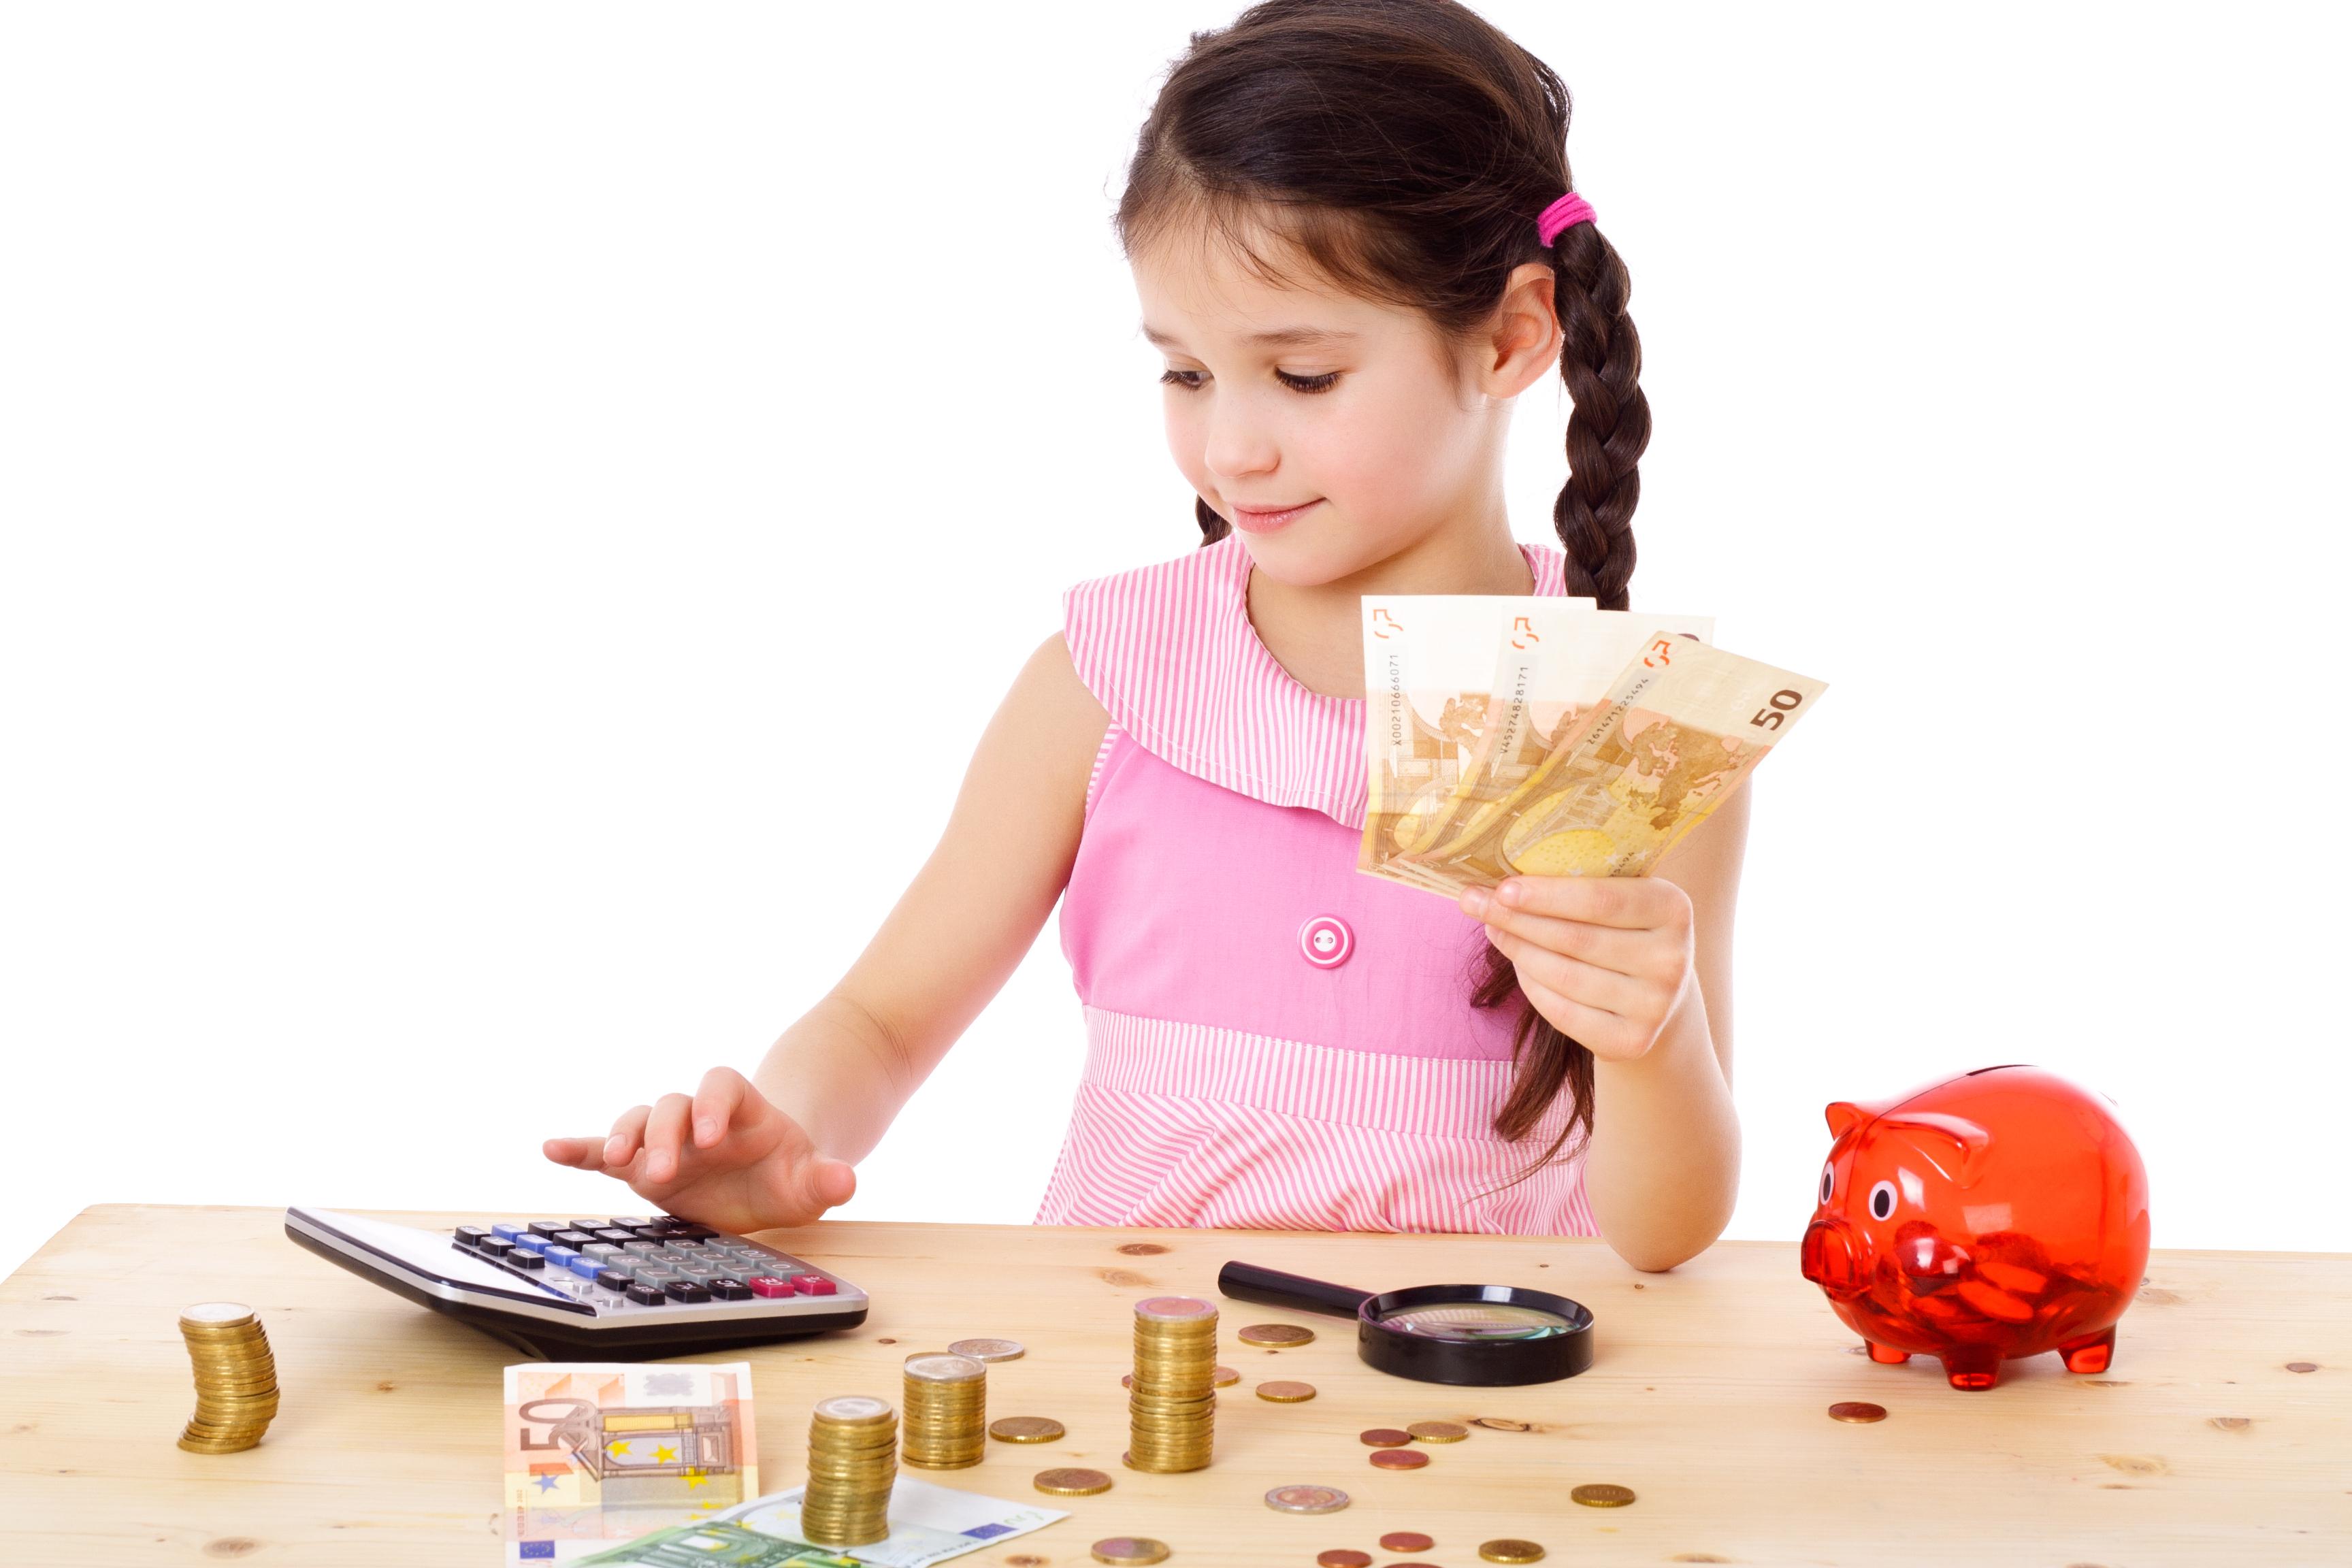 מדוע נשים נסוגות מכסף?